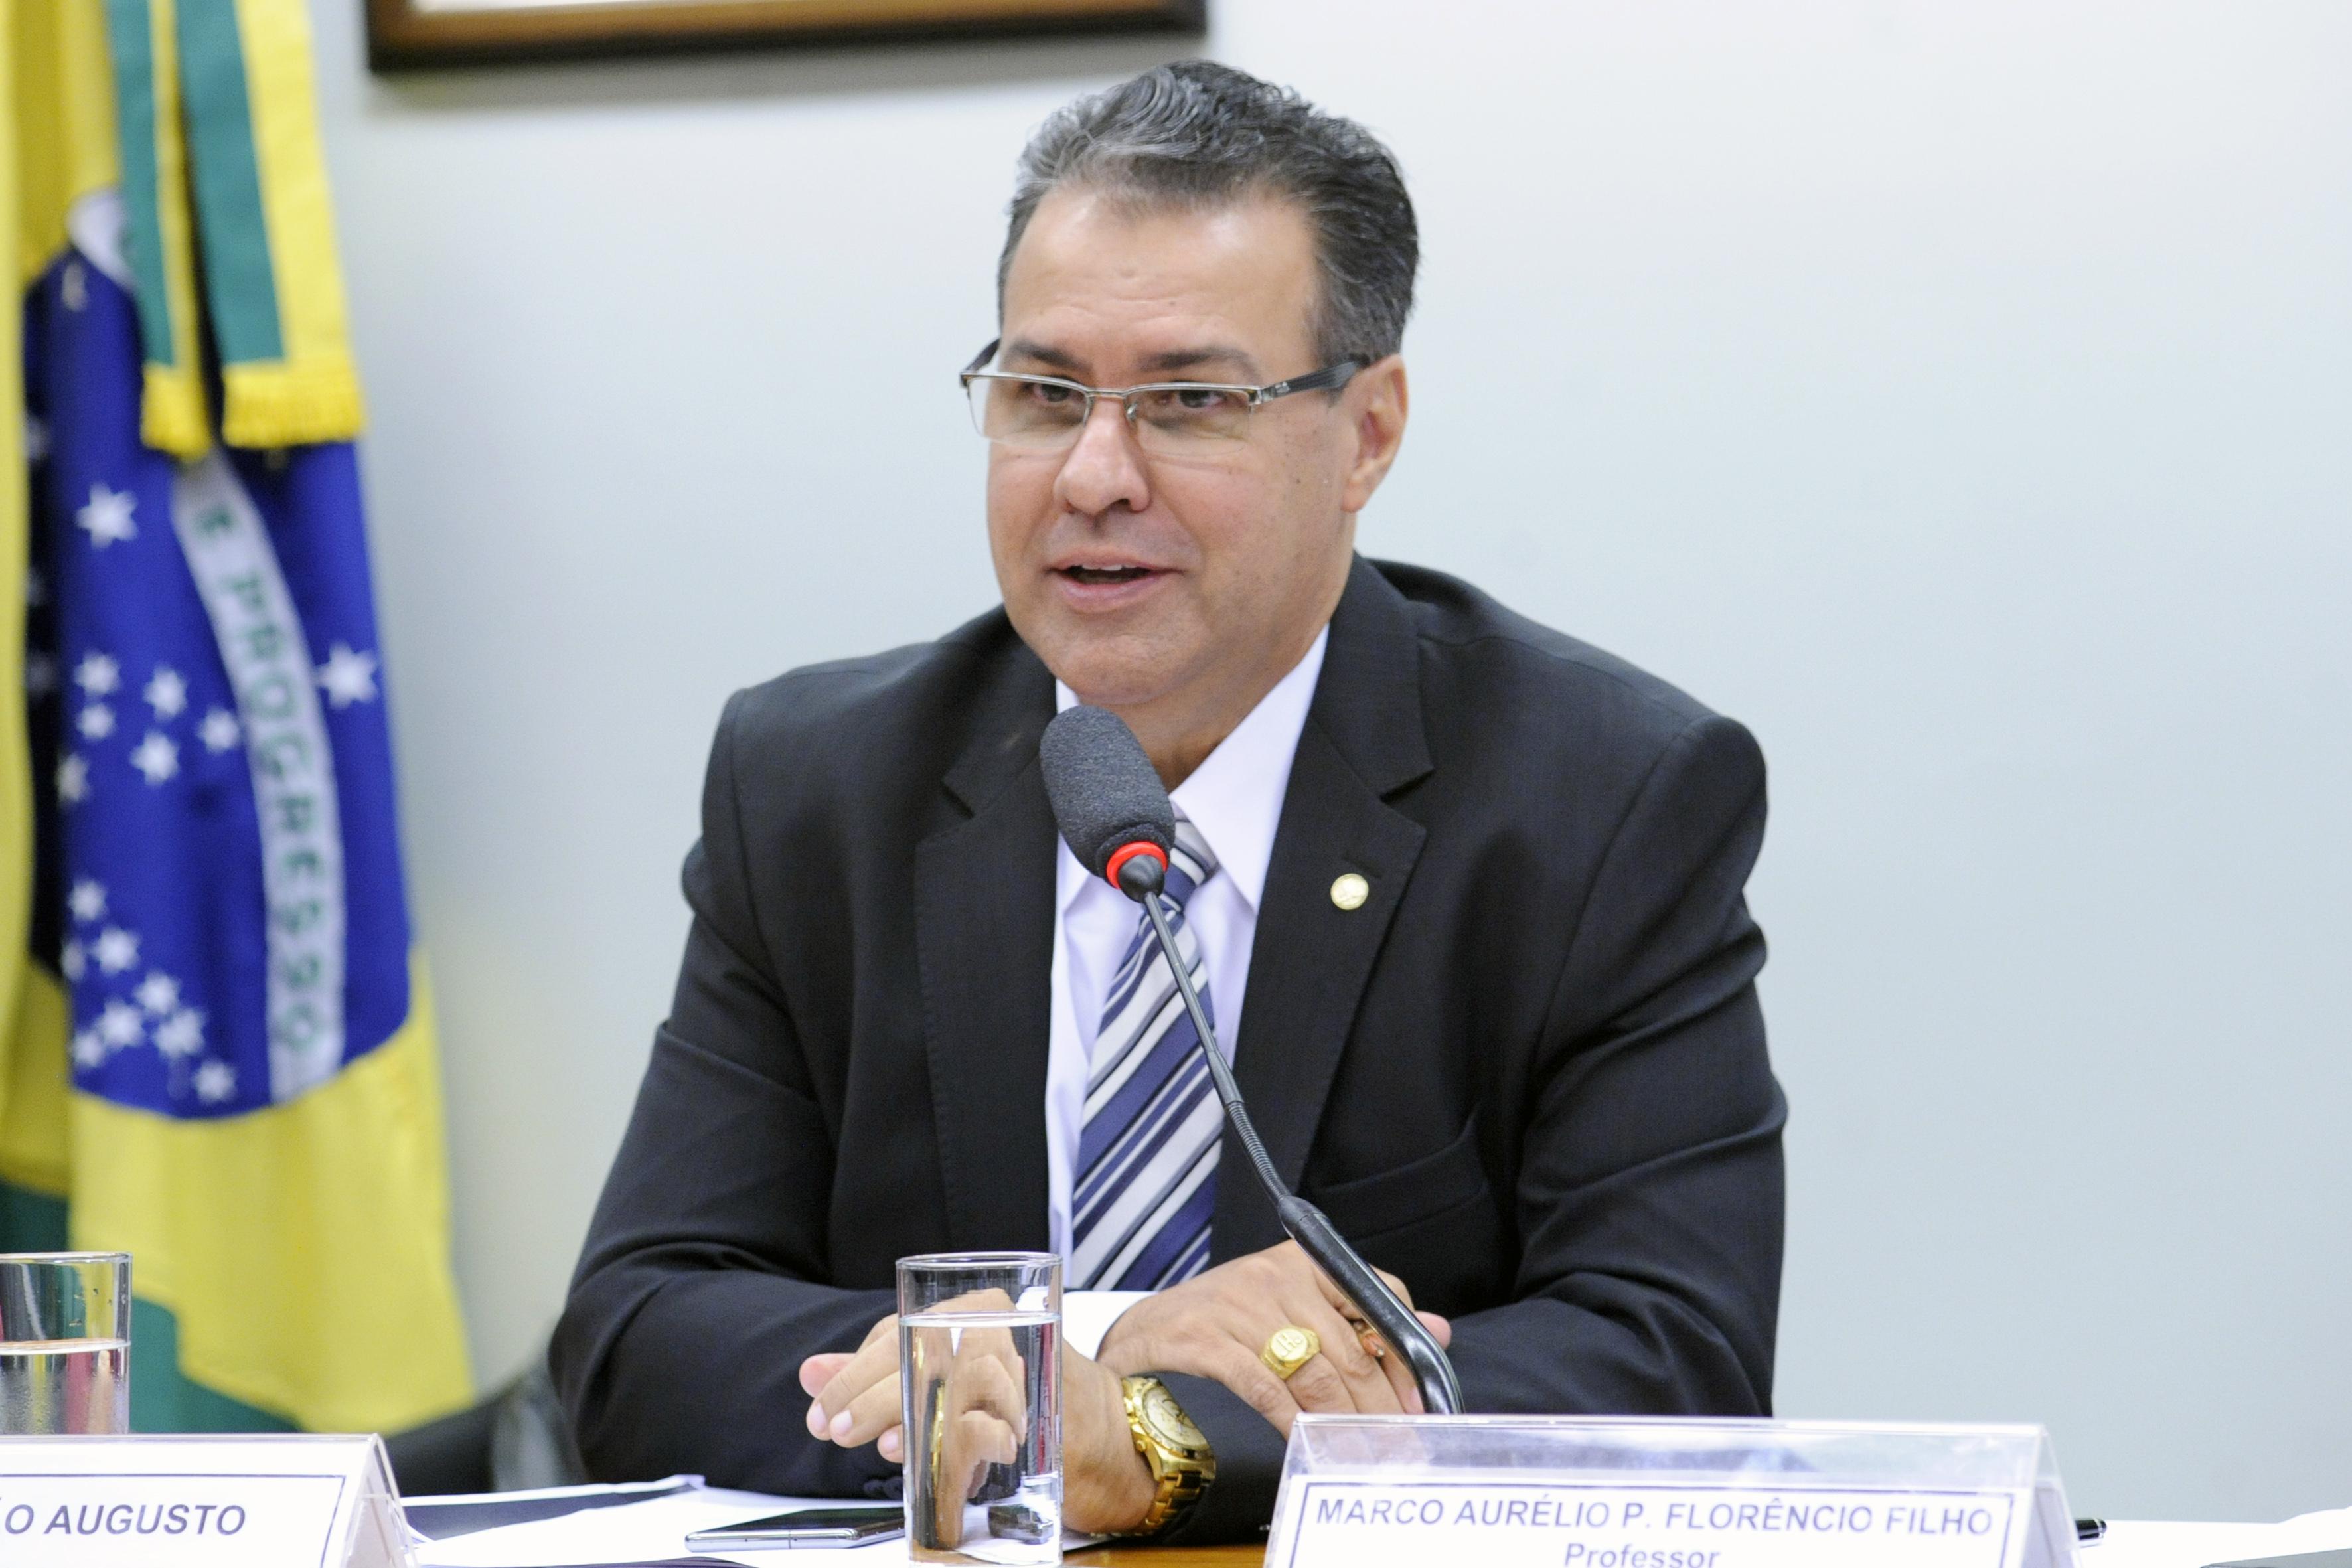 Audiência pública sobre as mudanças na legislação penal e processual penal. Dep. Capitão Augusto (PL-SP)